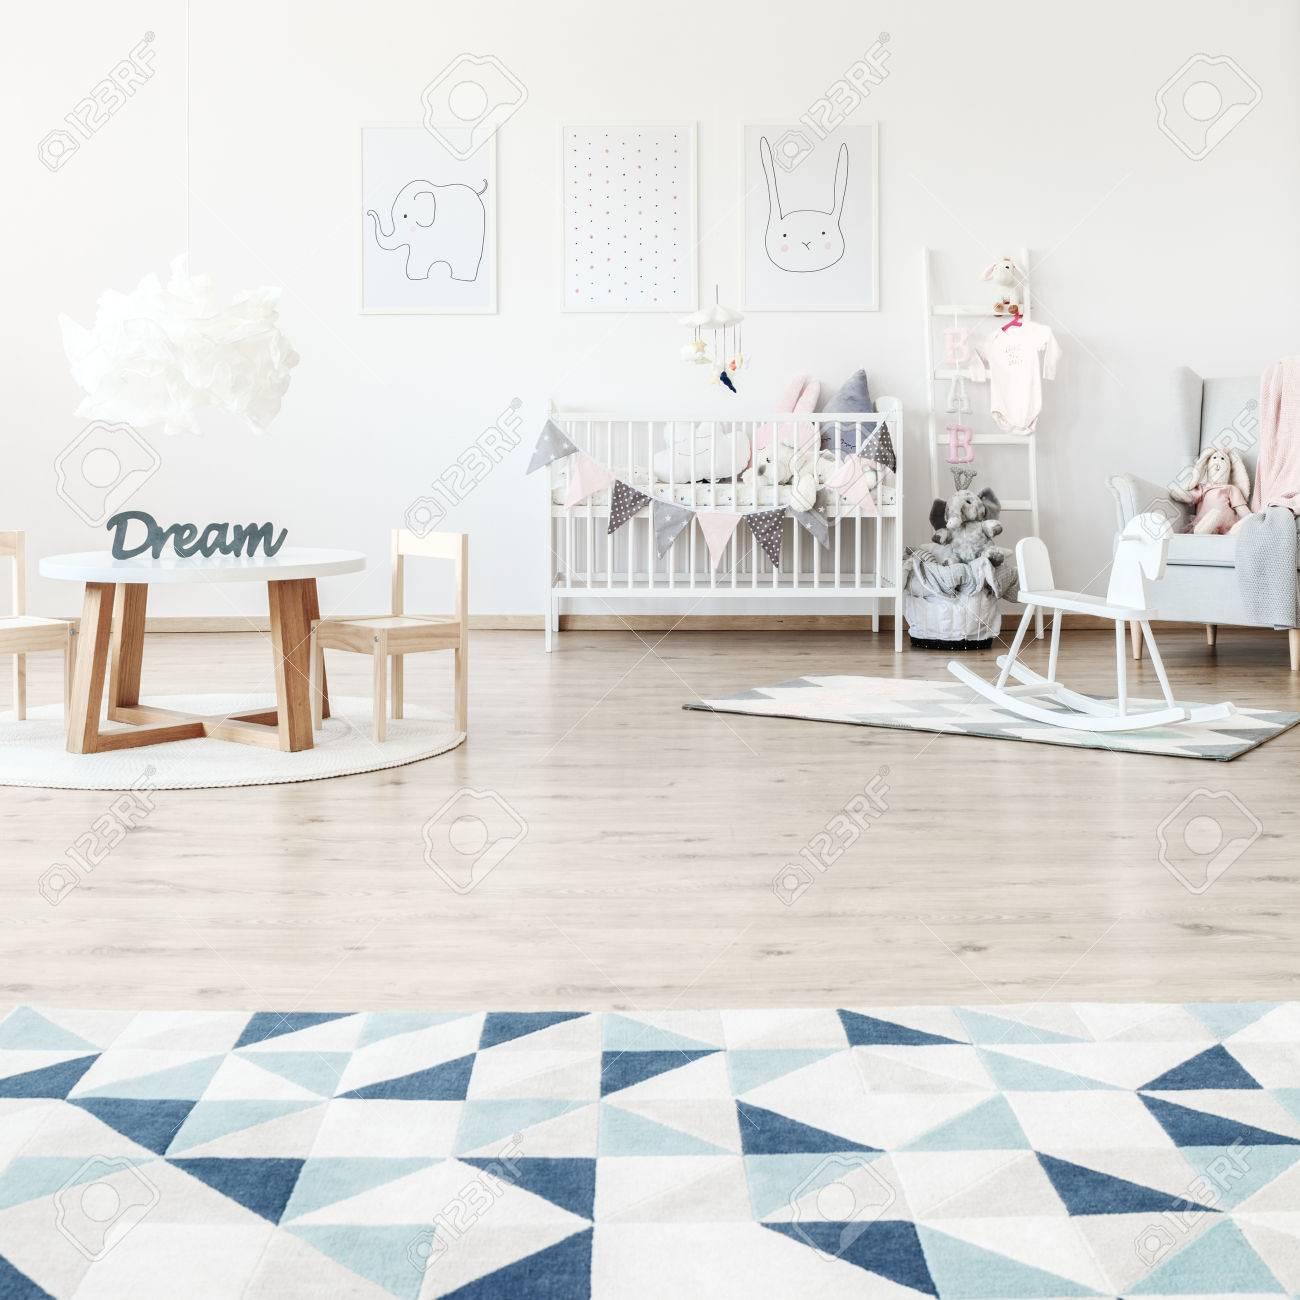 tapis triangle dans la chambre d enfant spacieuse avec cheval a bascule petite table et lit blanc banque d images et photos libres de droits image 87171283